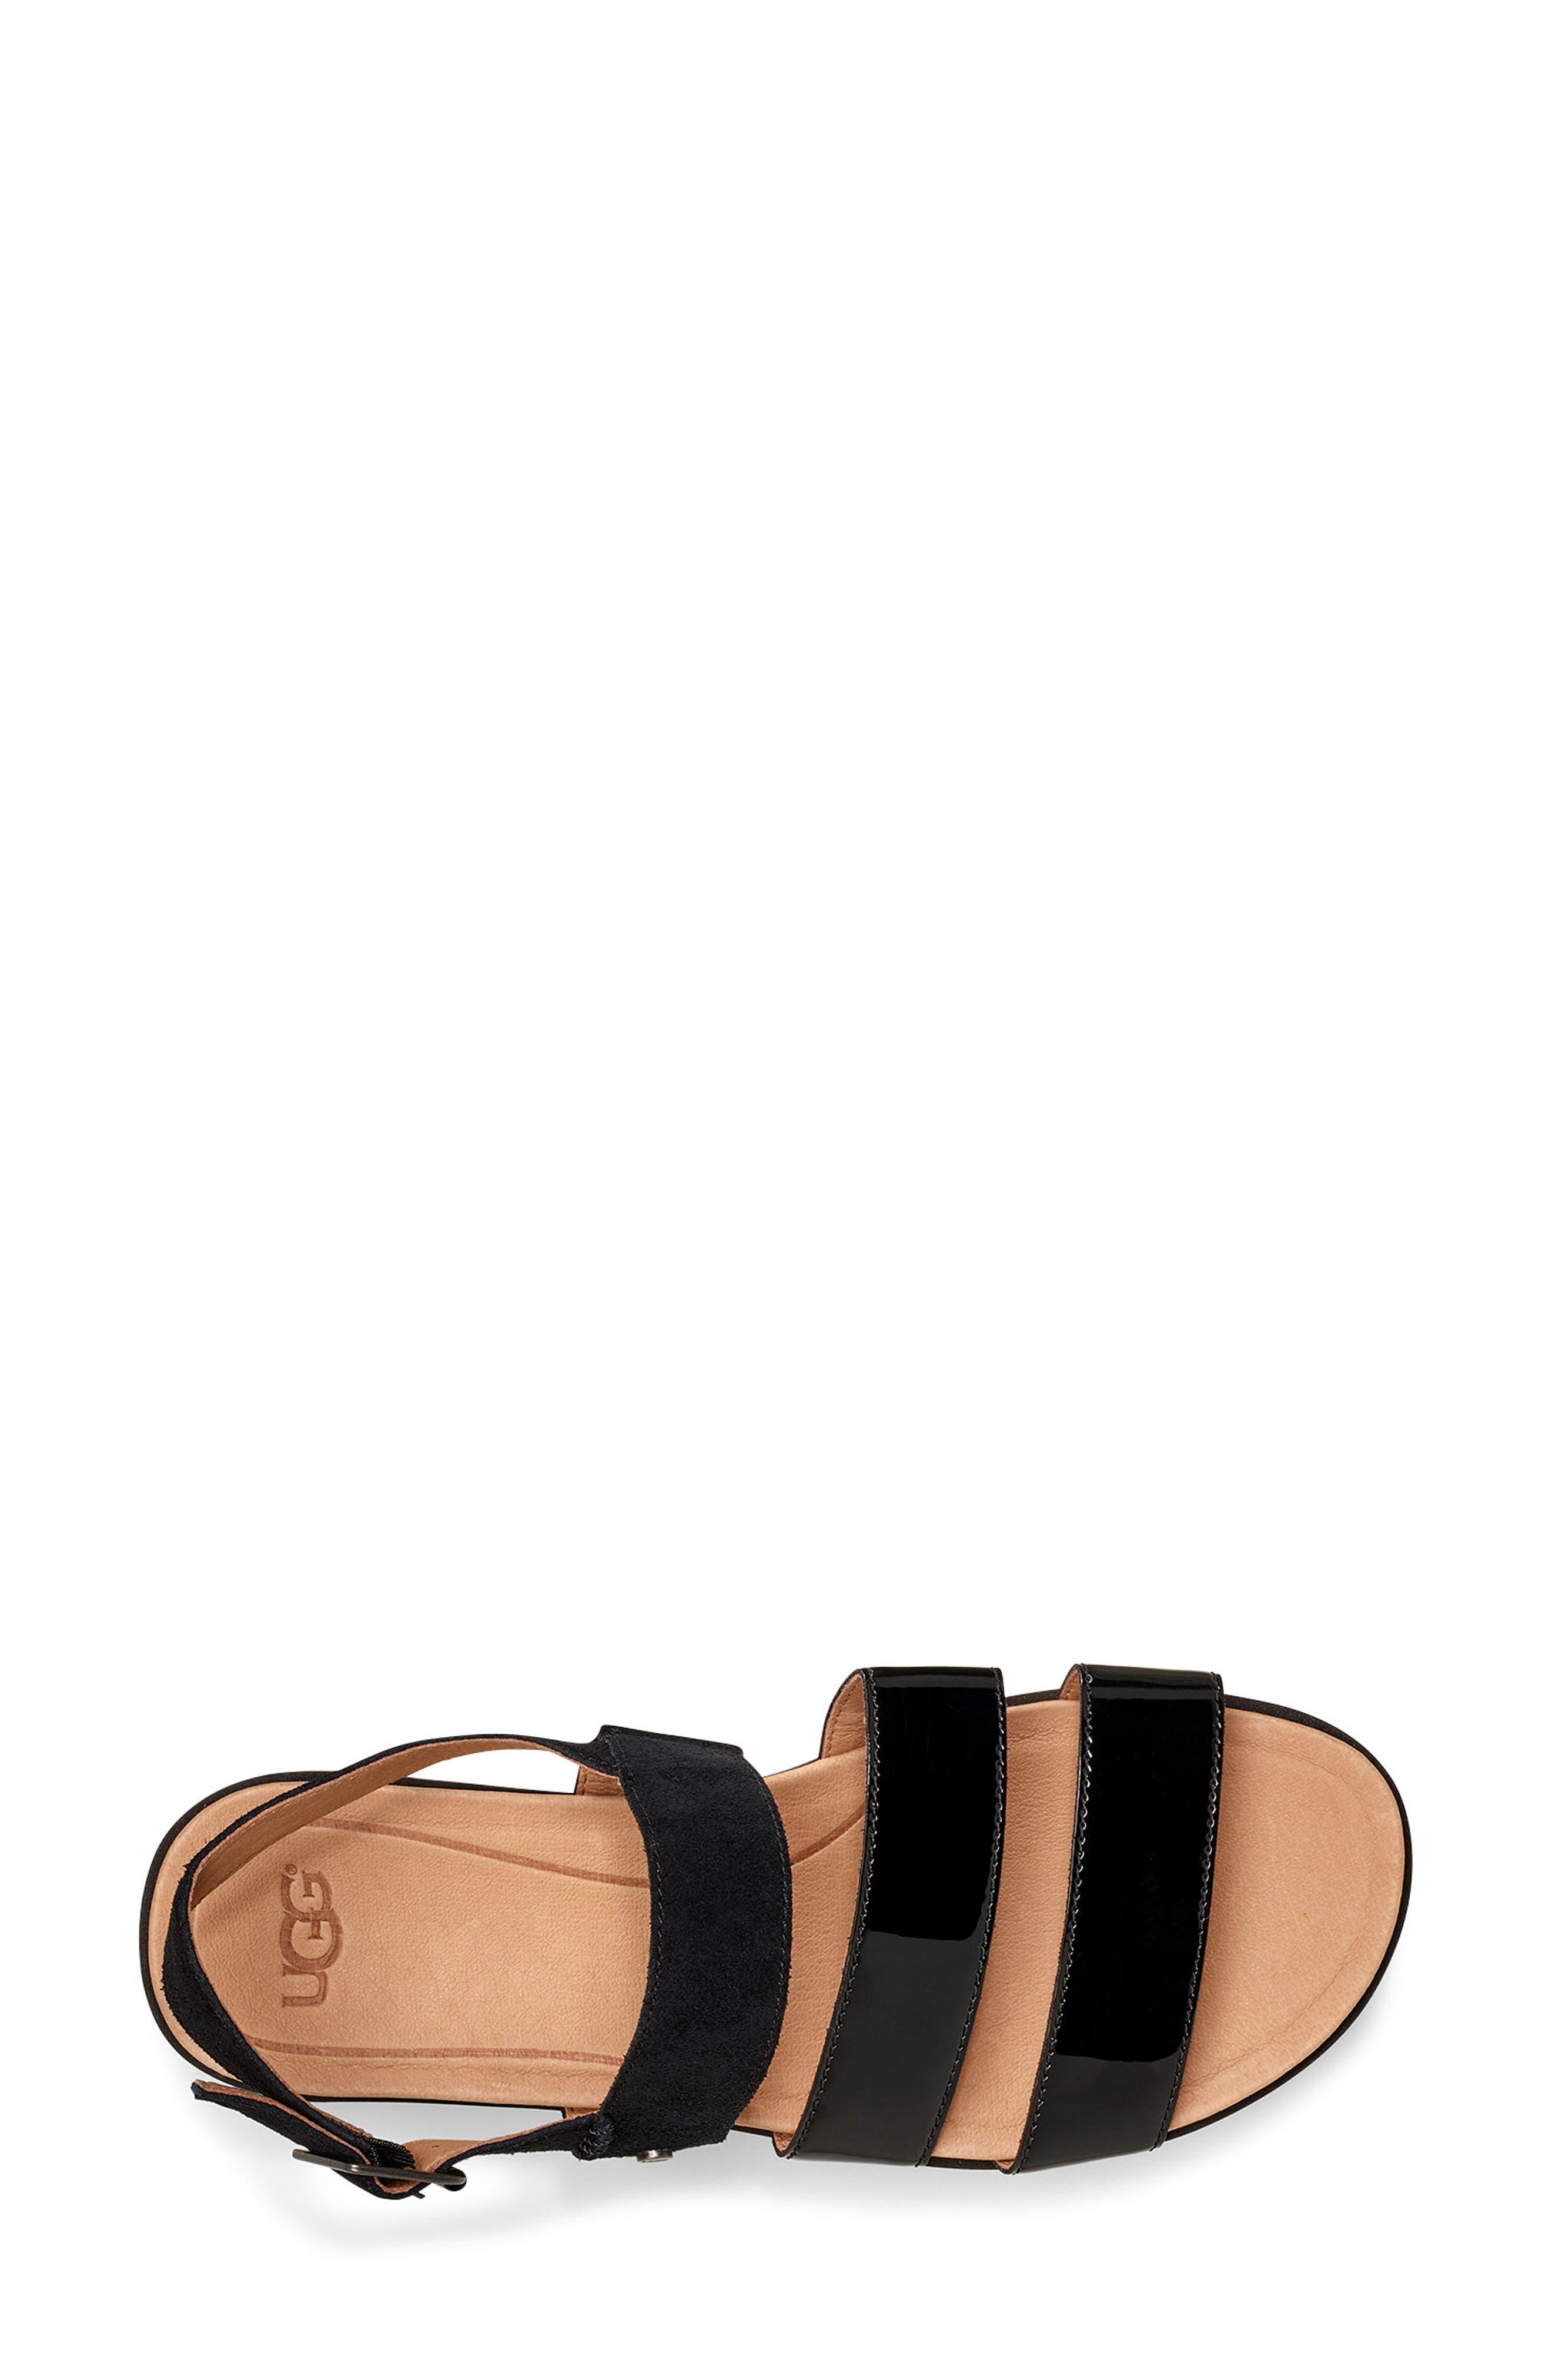 UGG<SUP>®</SUP>, Braelynn Flatform Sandal, Alternate thumbnail 4, color, BLACK LEATHER